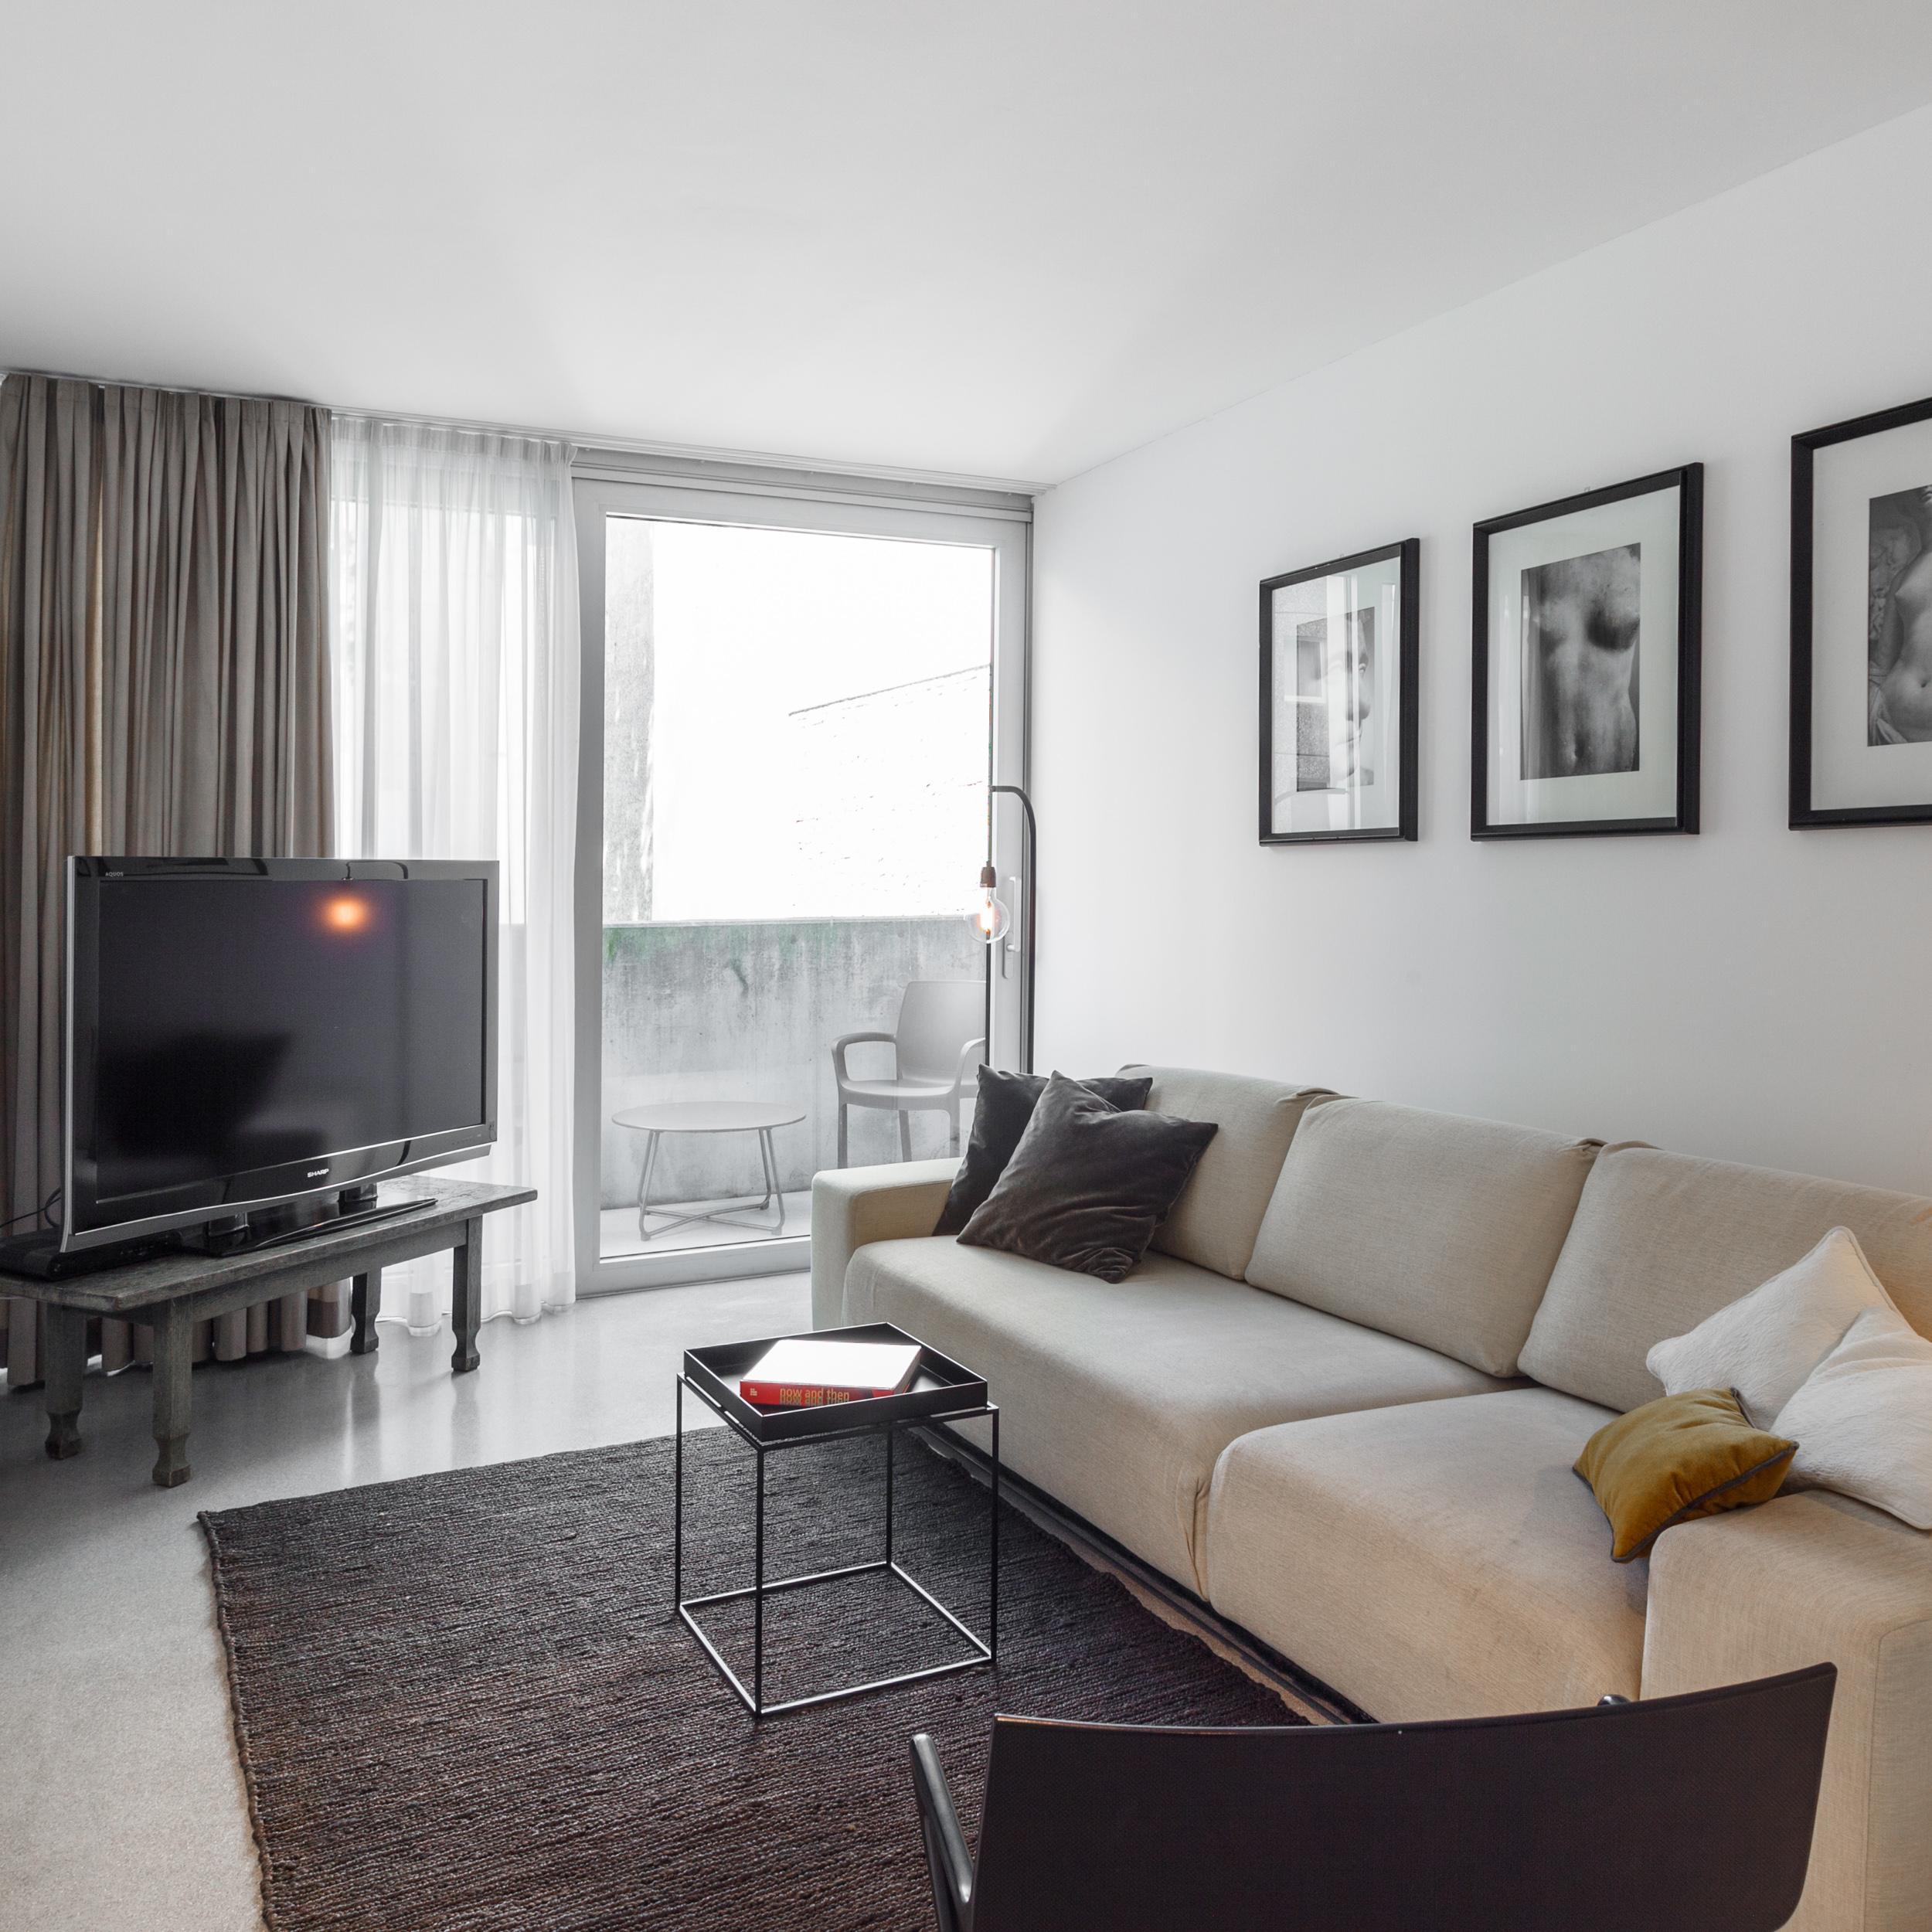 Wohnzimmer In Grau/Weiß #beistelltisch #gästezimmer #loft #schlafsofa  #ausziehcouch #